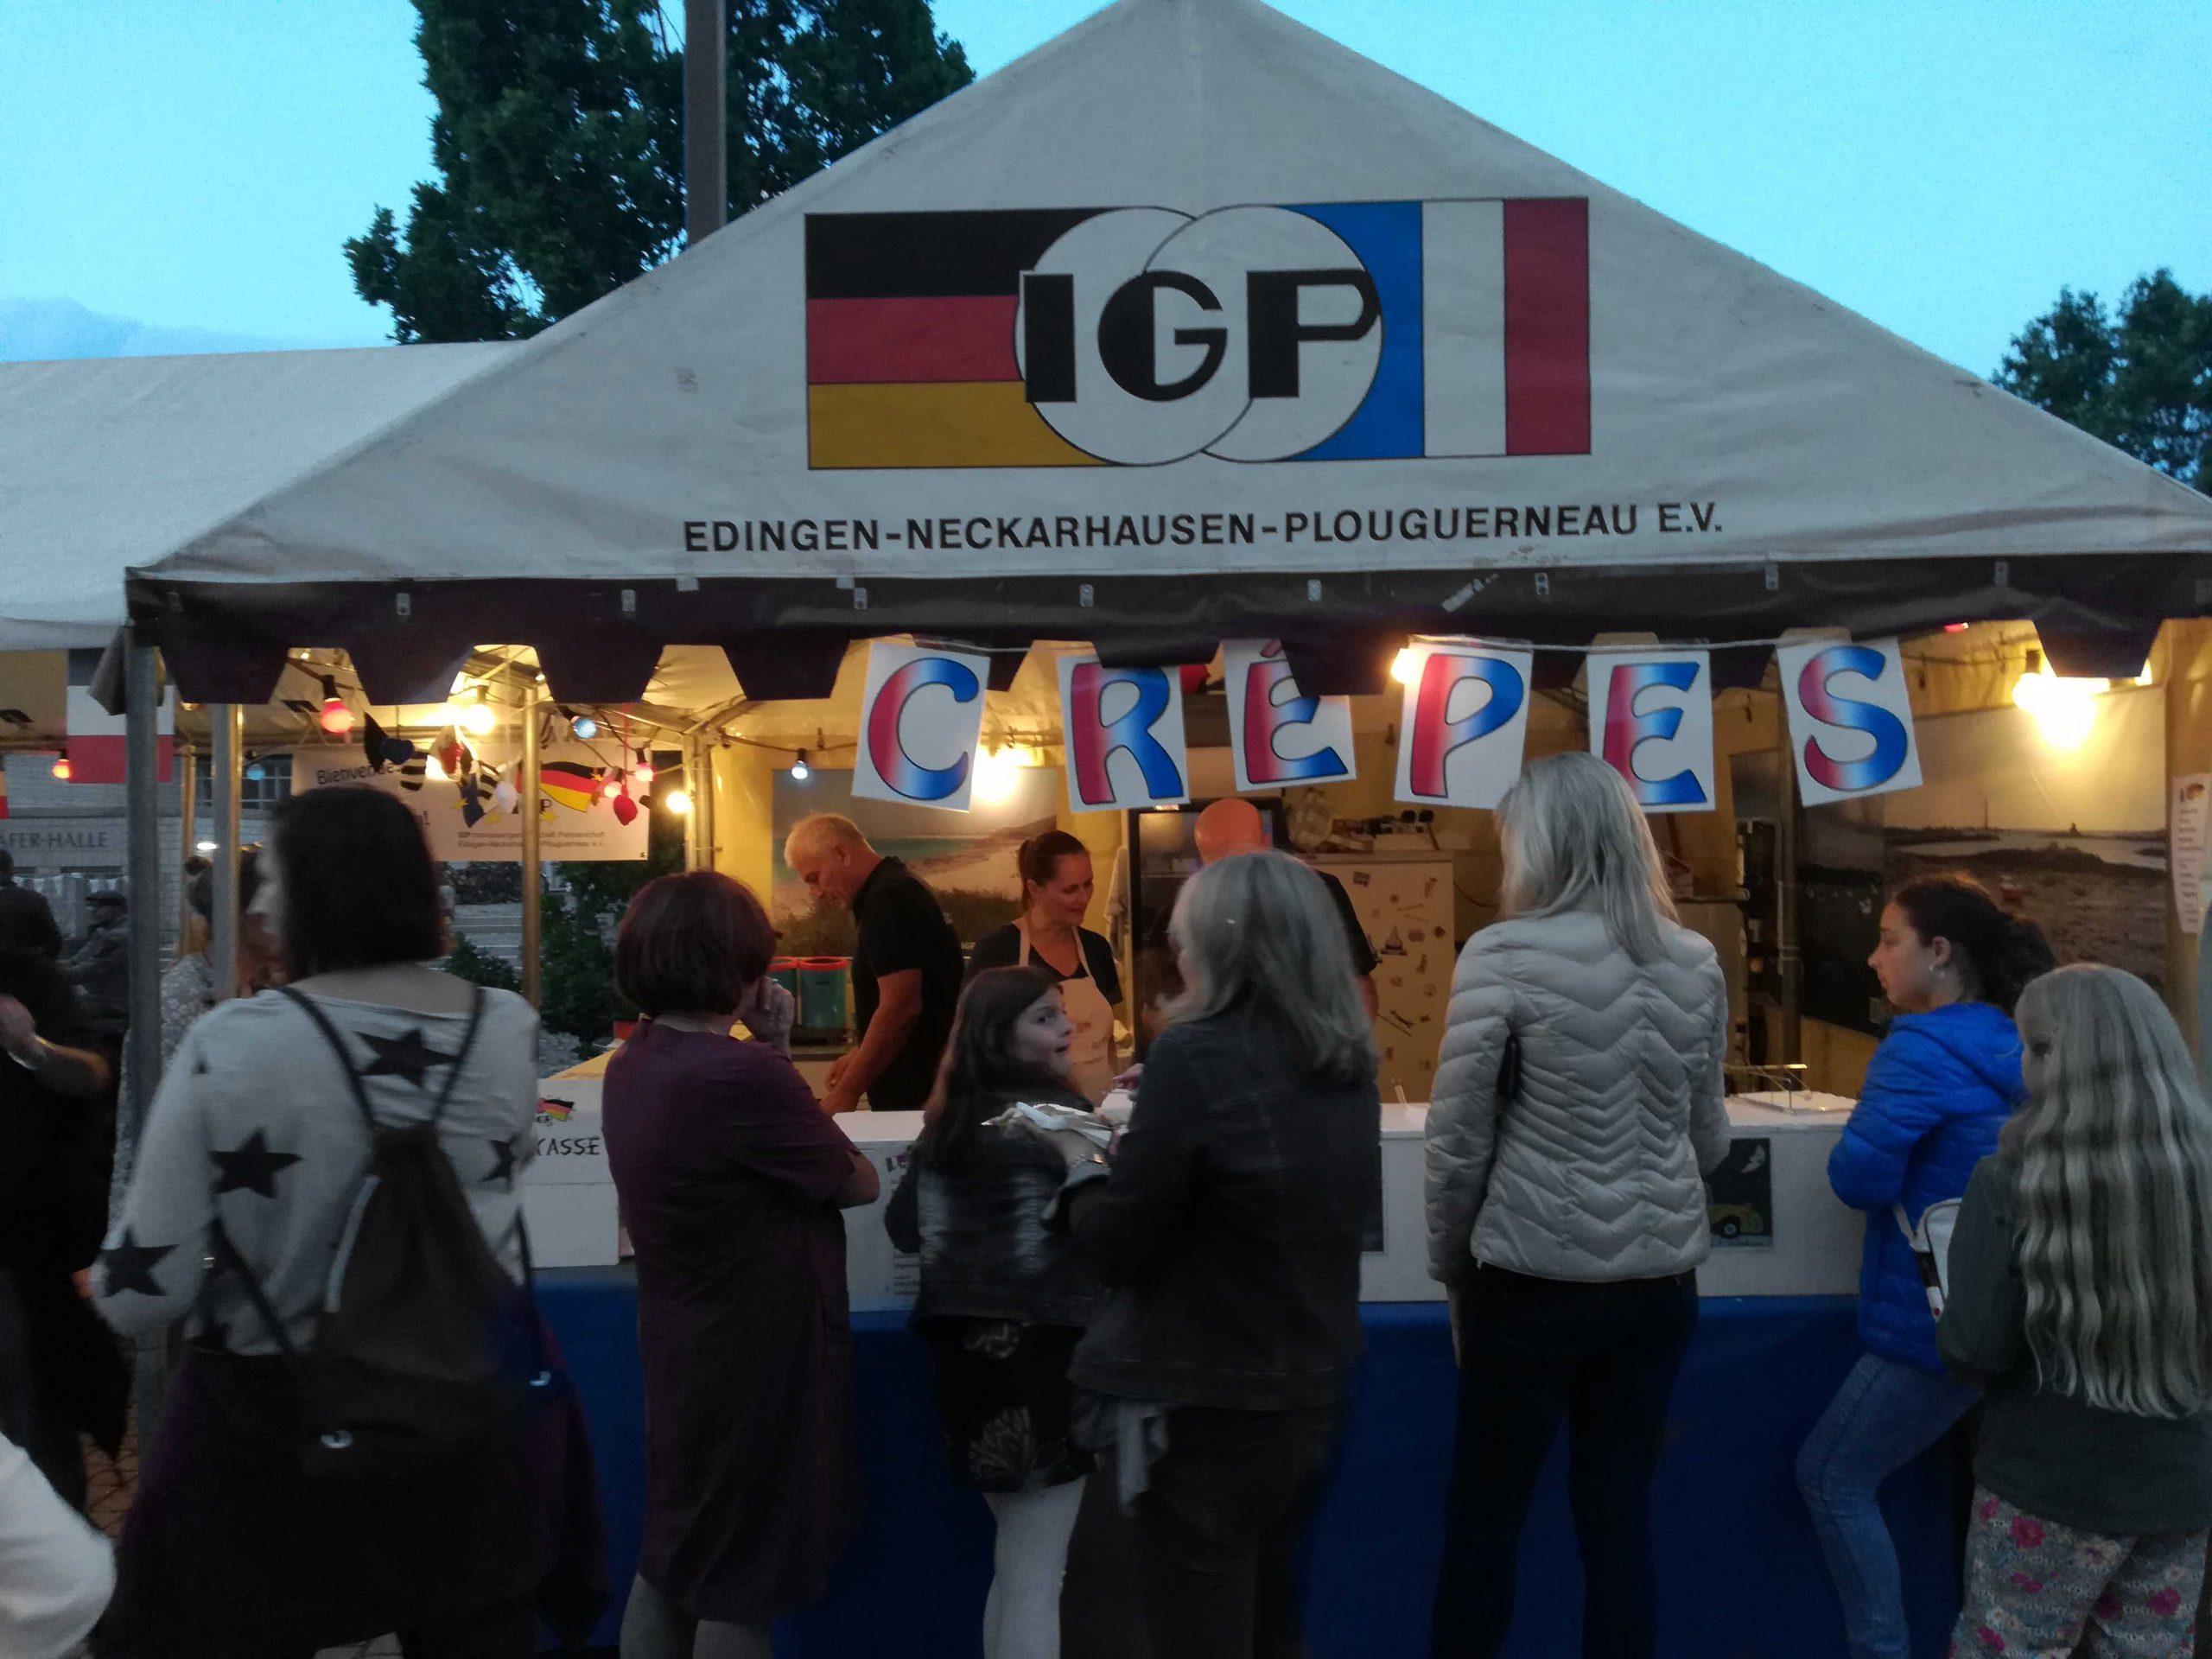 Der IGP e.V. war auf dem Crêpe-Stand beim Stadtfest Edingen-Neckarhausen vertreten.